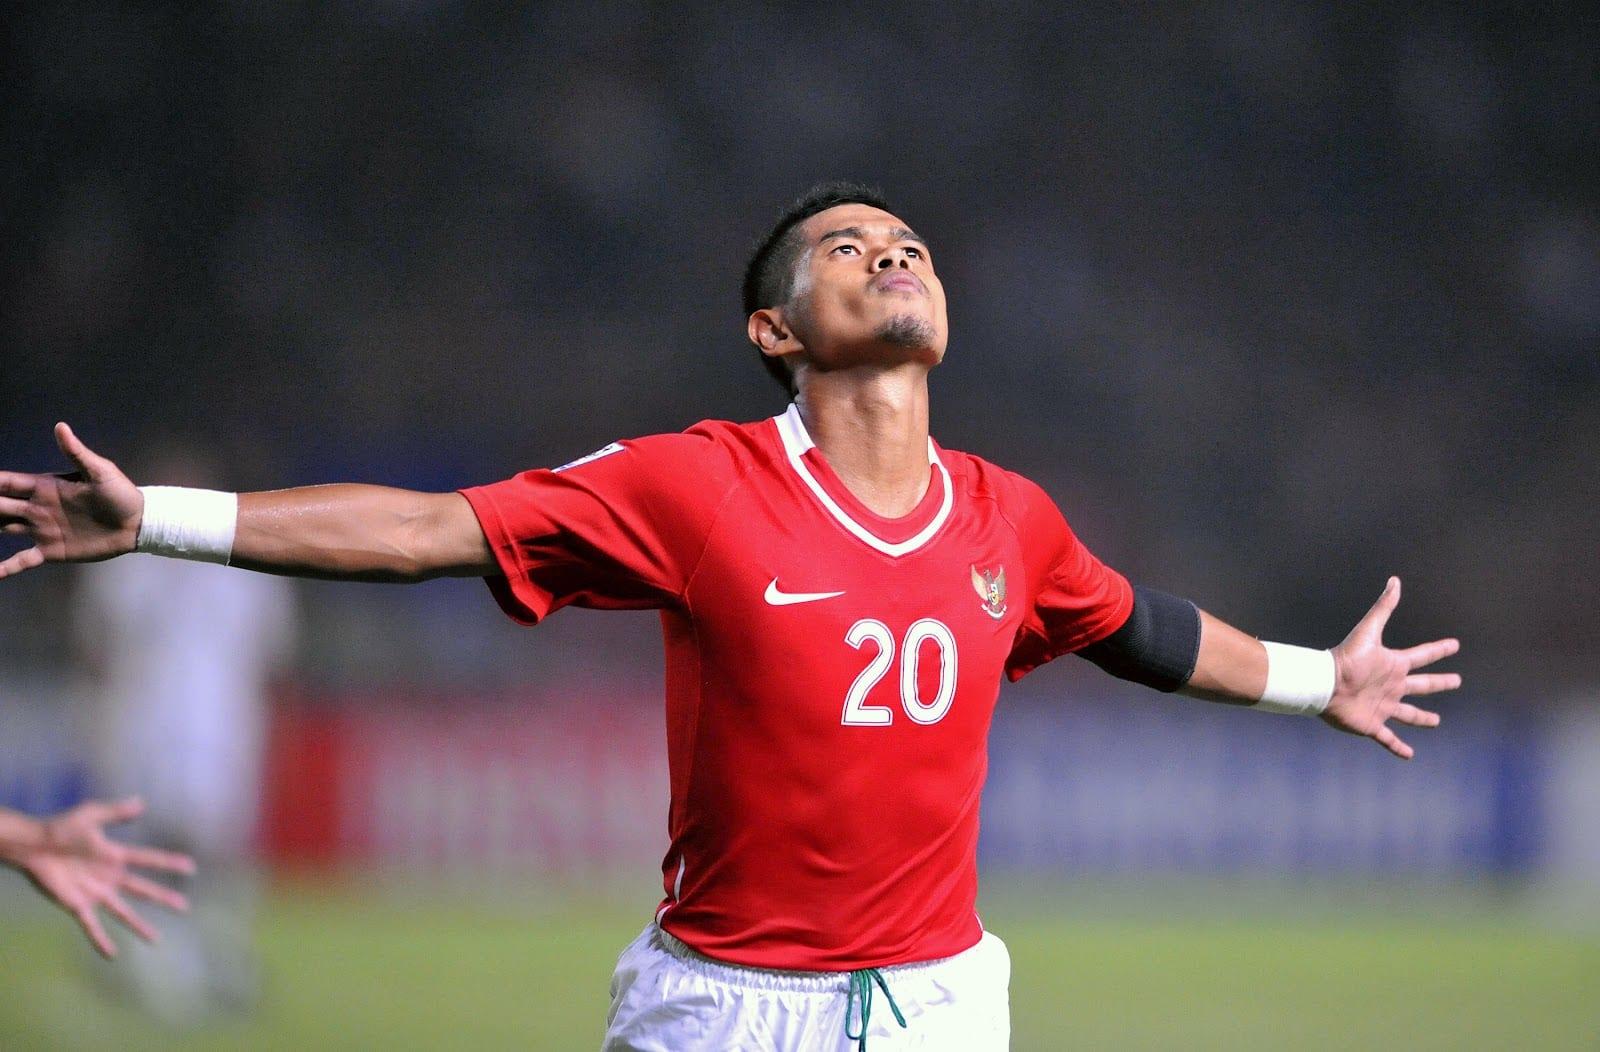 foto-foto-atlet-sepak-bola-bambang-pamungkas-2